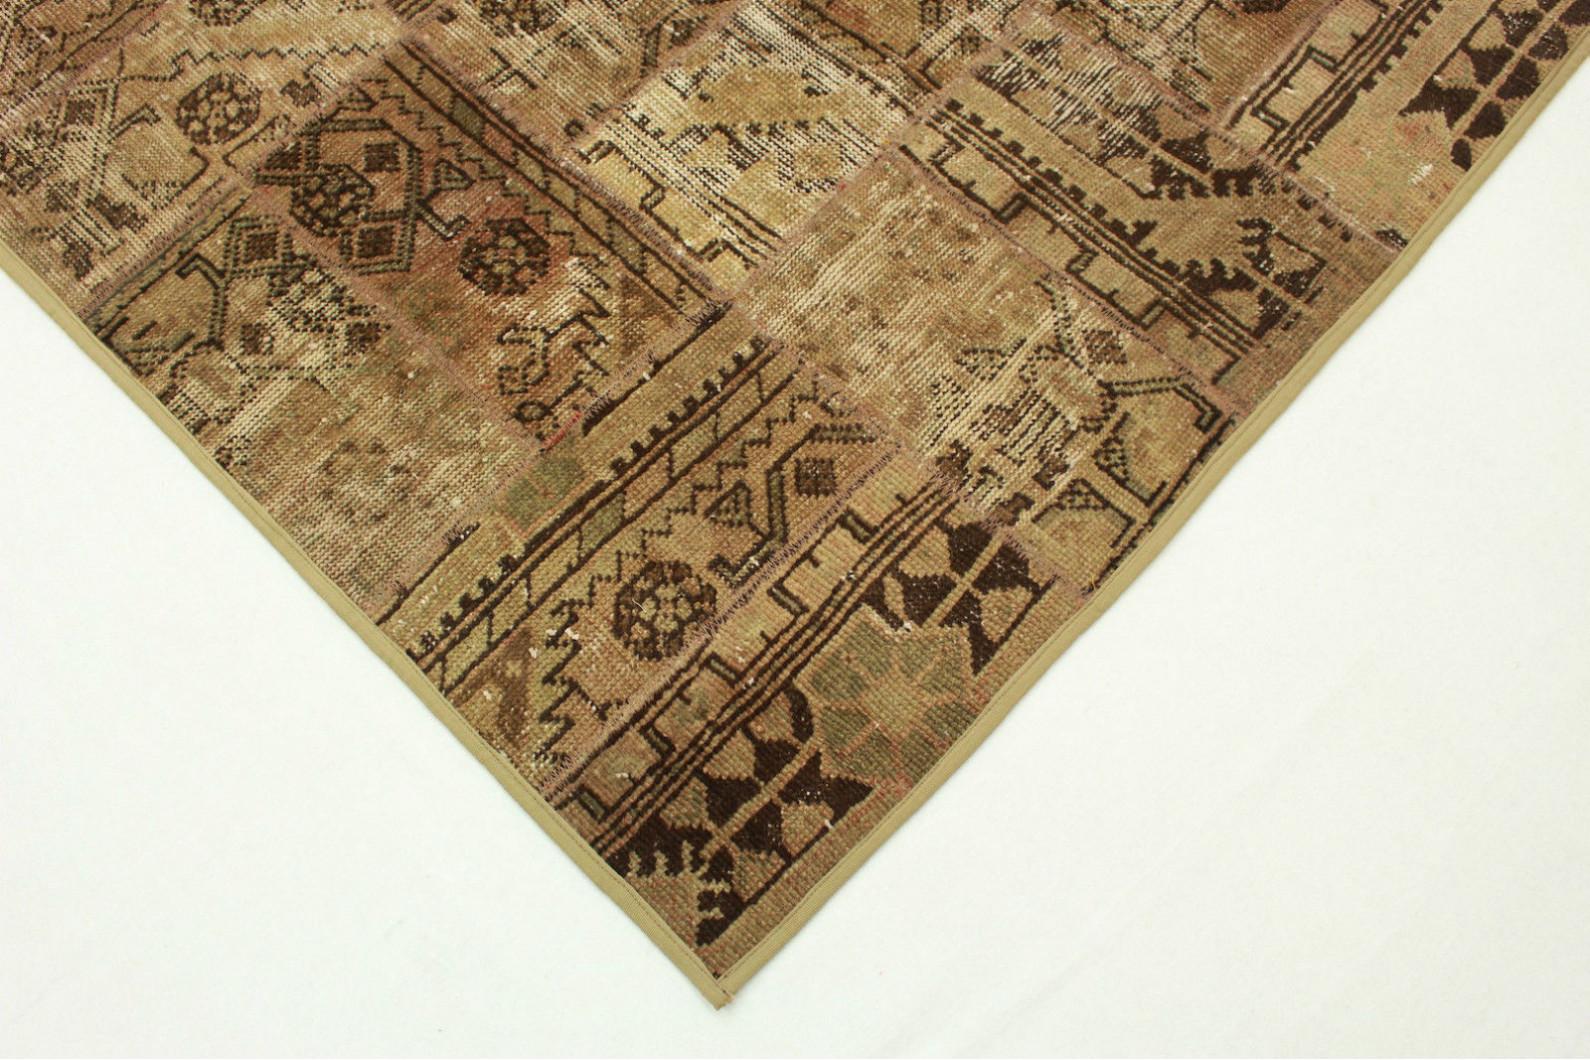 patchwork teppich braun in 200x120cm 1001 999 bei. Black Bedroom Furniture Sets. Home Design Ideas